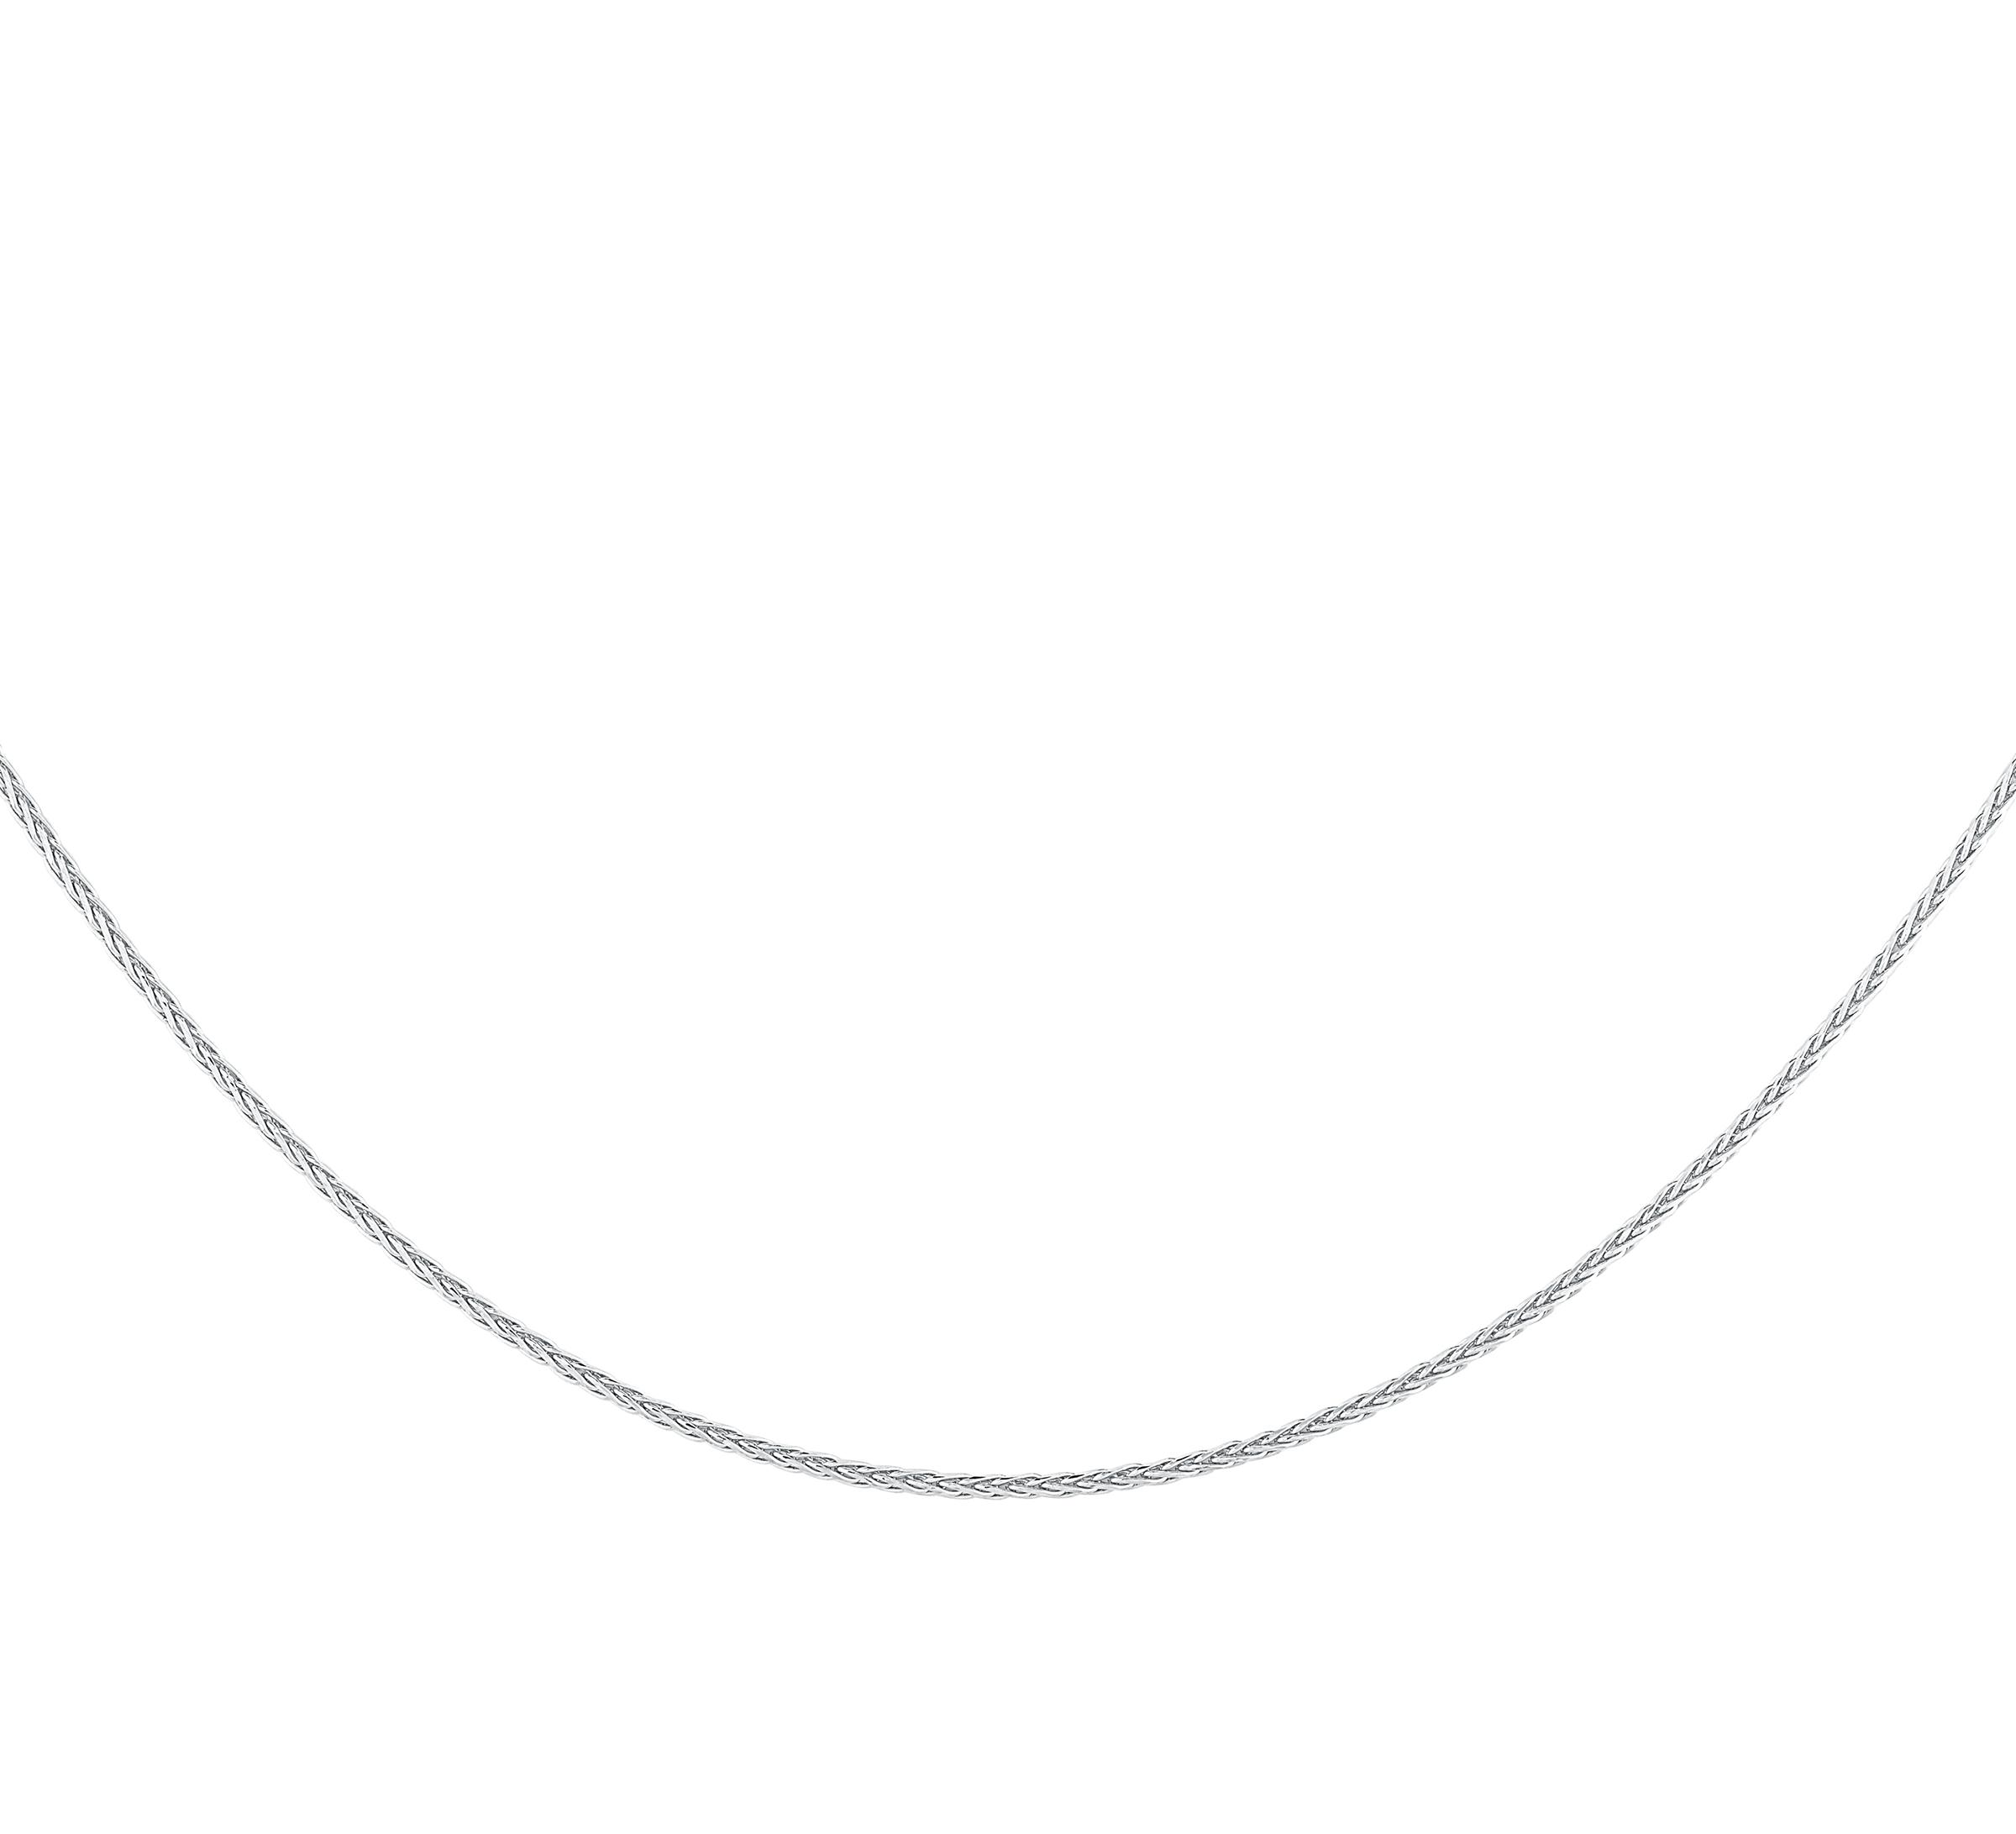 Chaîne 18'' - Argent sterling avec fini  plaqué rhodium